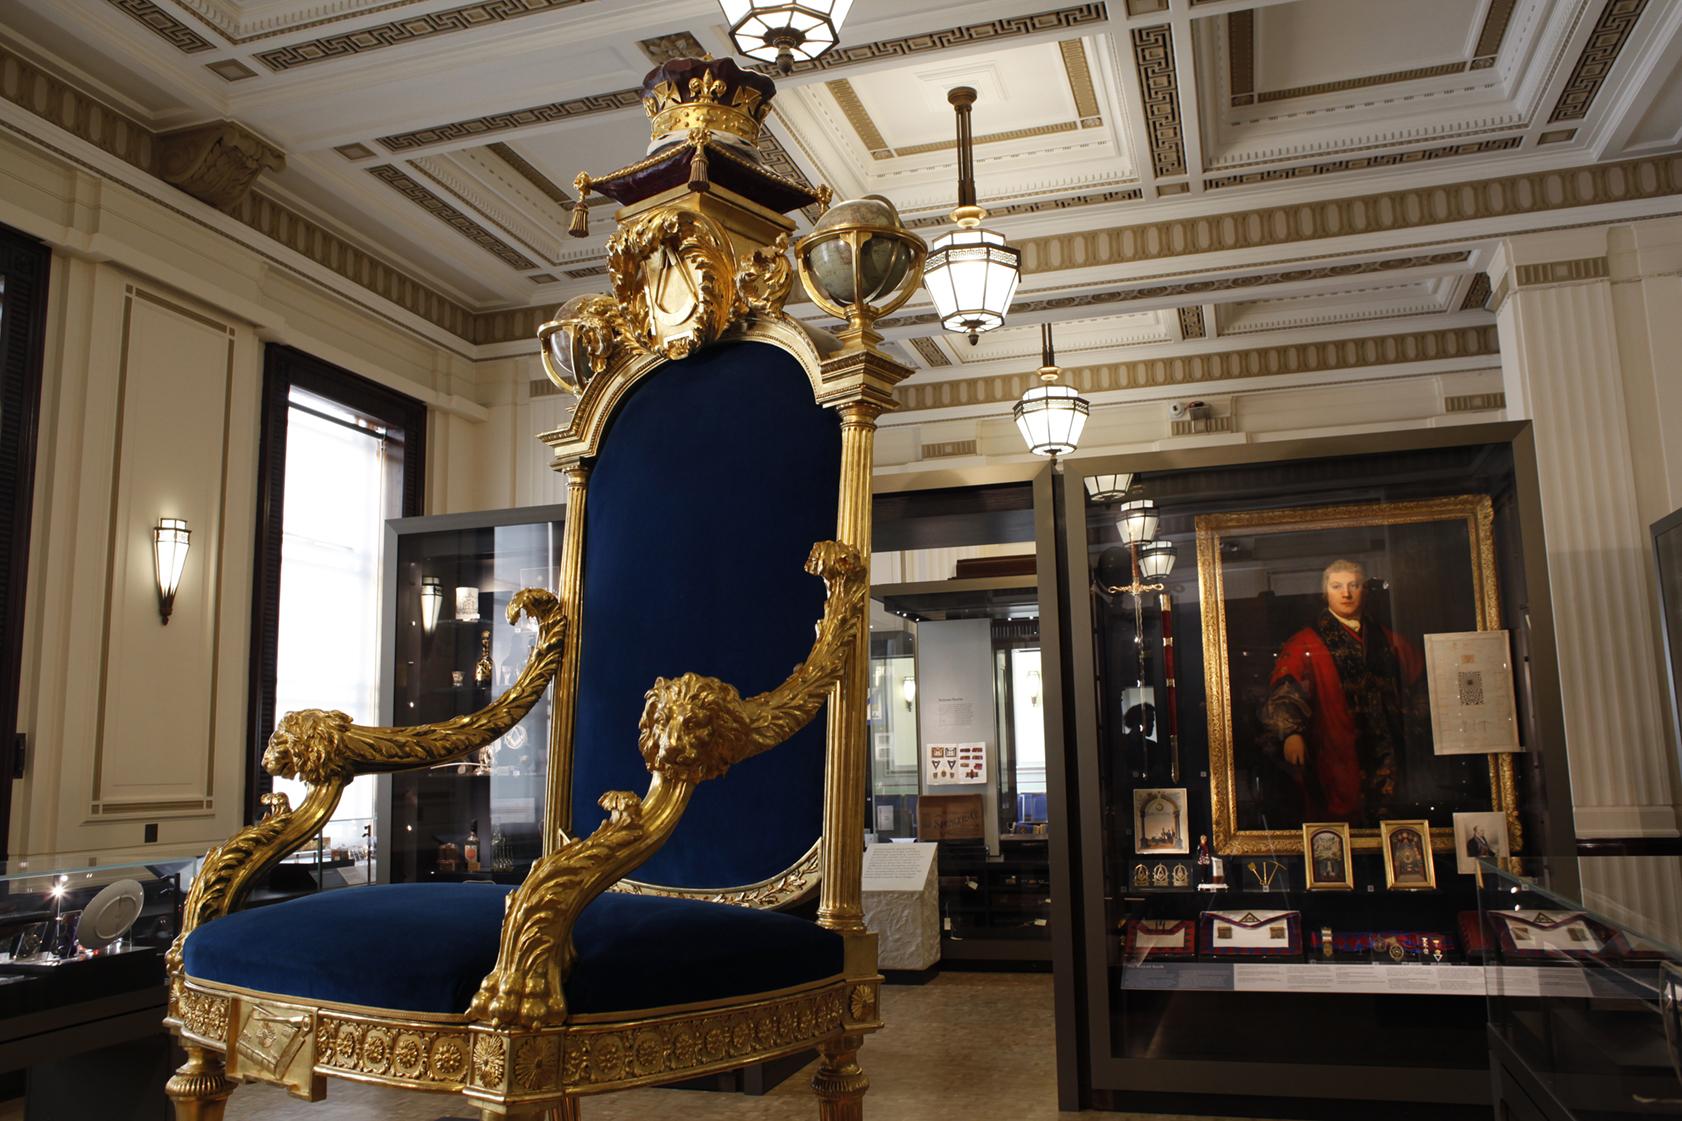 Museum of Freemasonry - Wikipedia